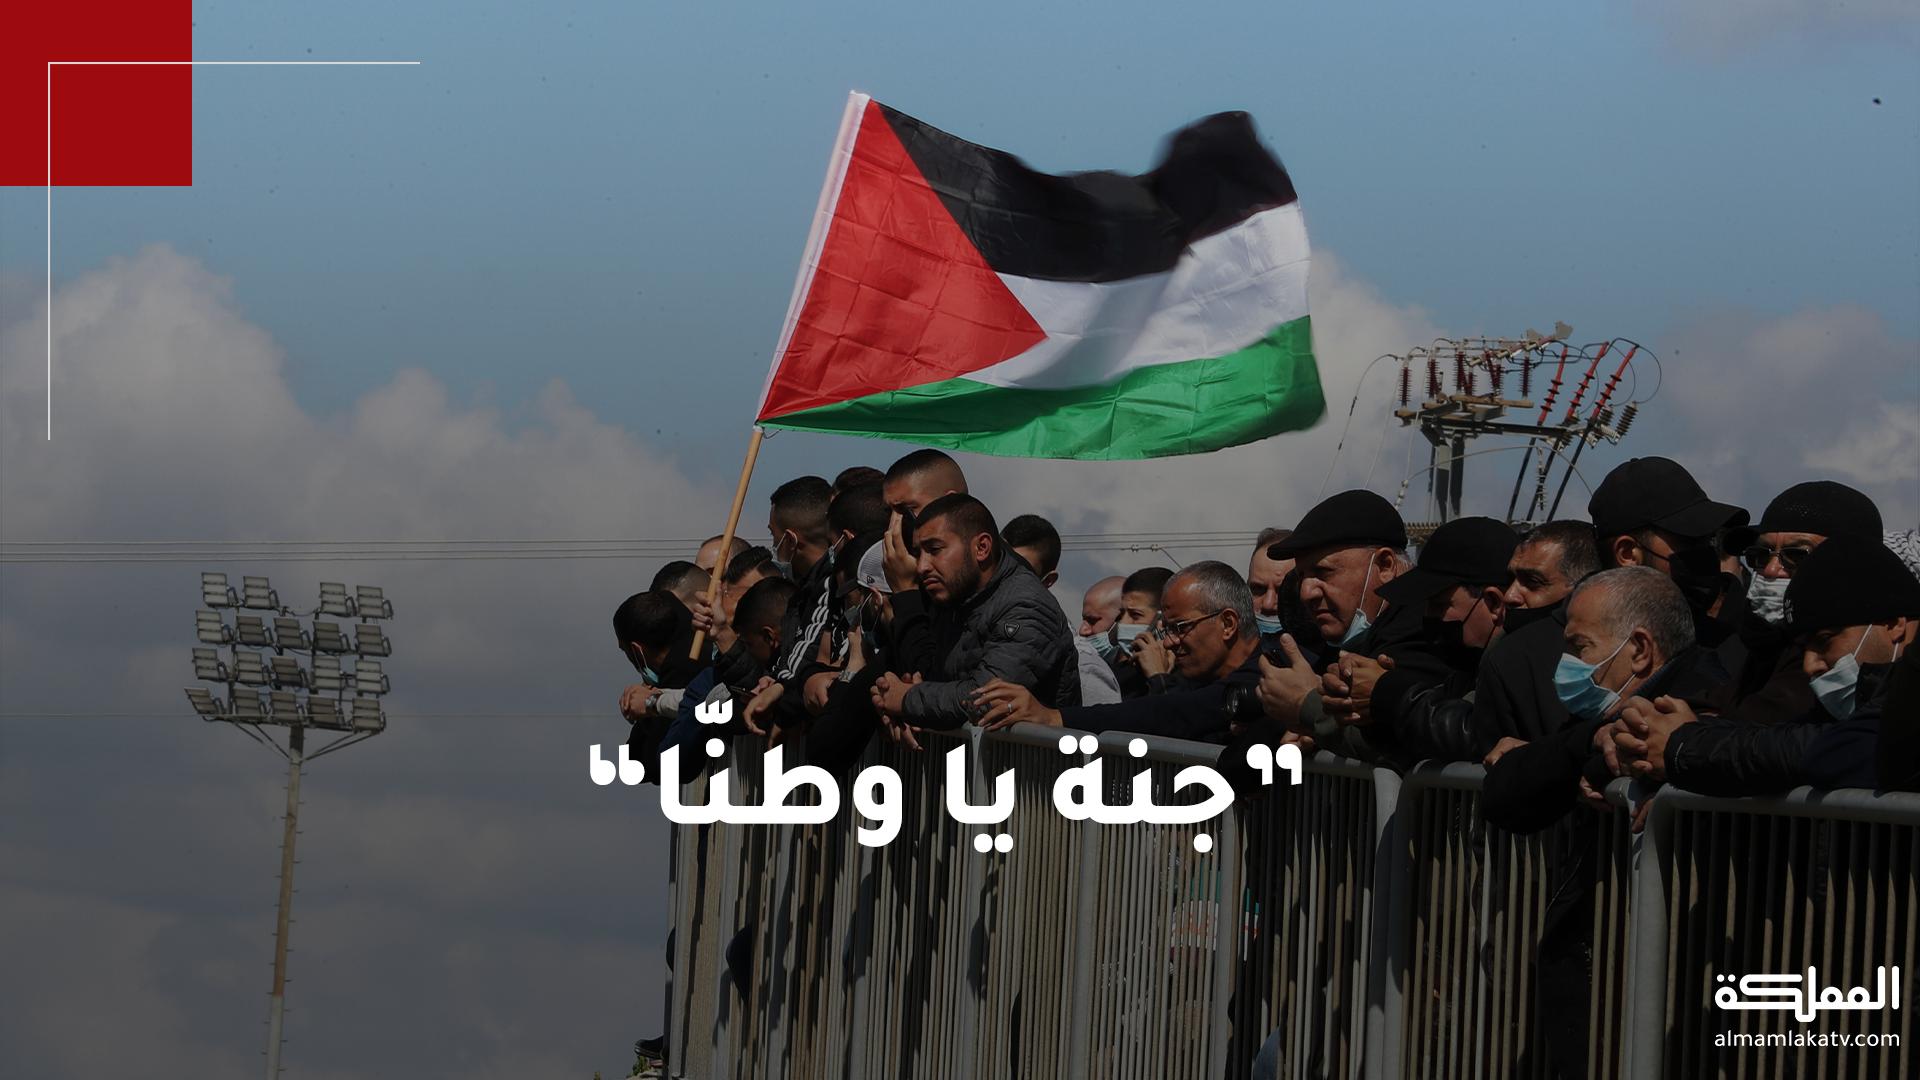 تظاهرات في بلدة أم الفحم تنديدا بانتشار الجريمة وتقاعس الشرطة في المناطق العربية داخل الخط الأخضر